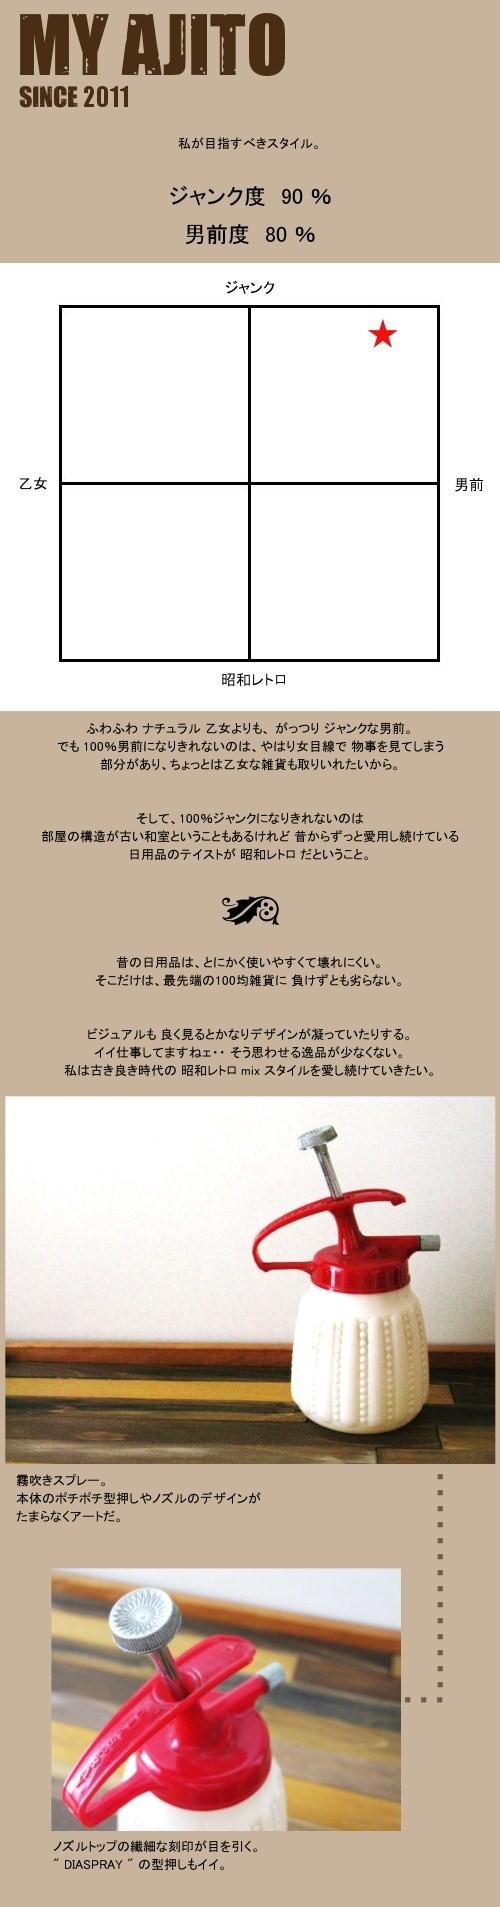 ジャンク+昭和_1